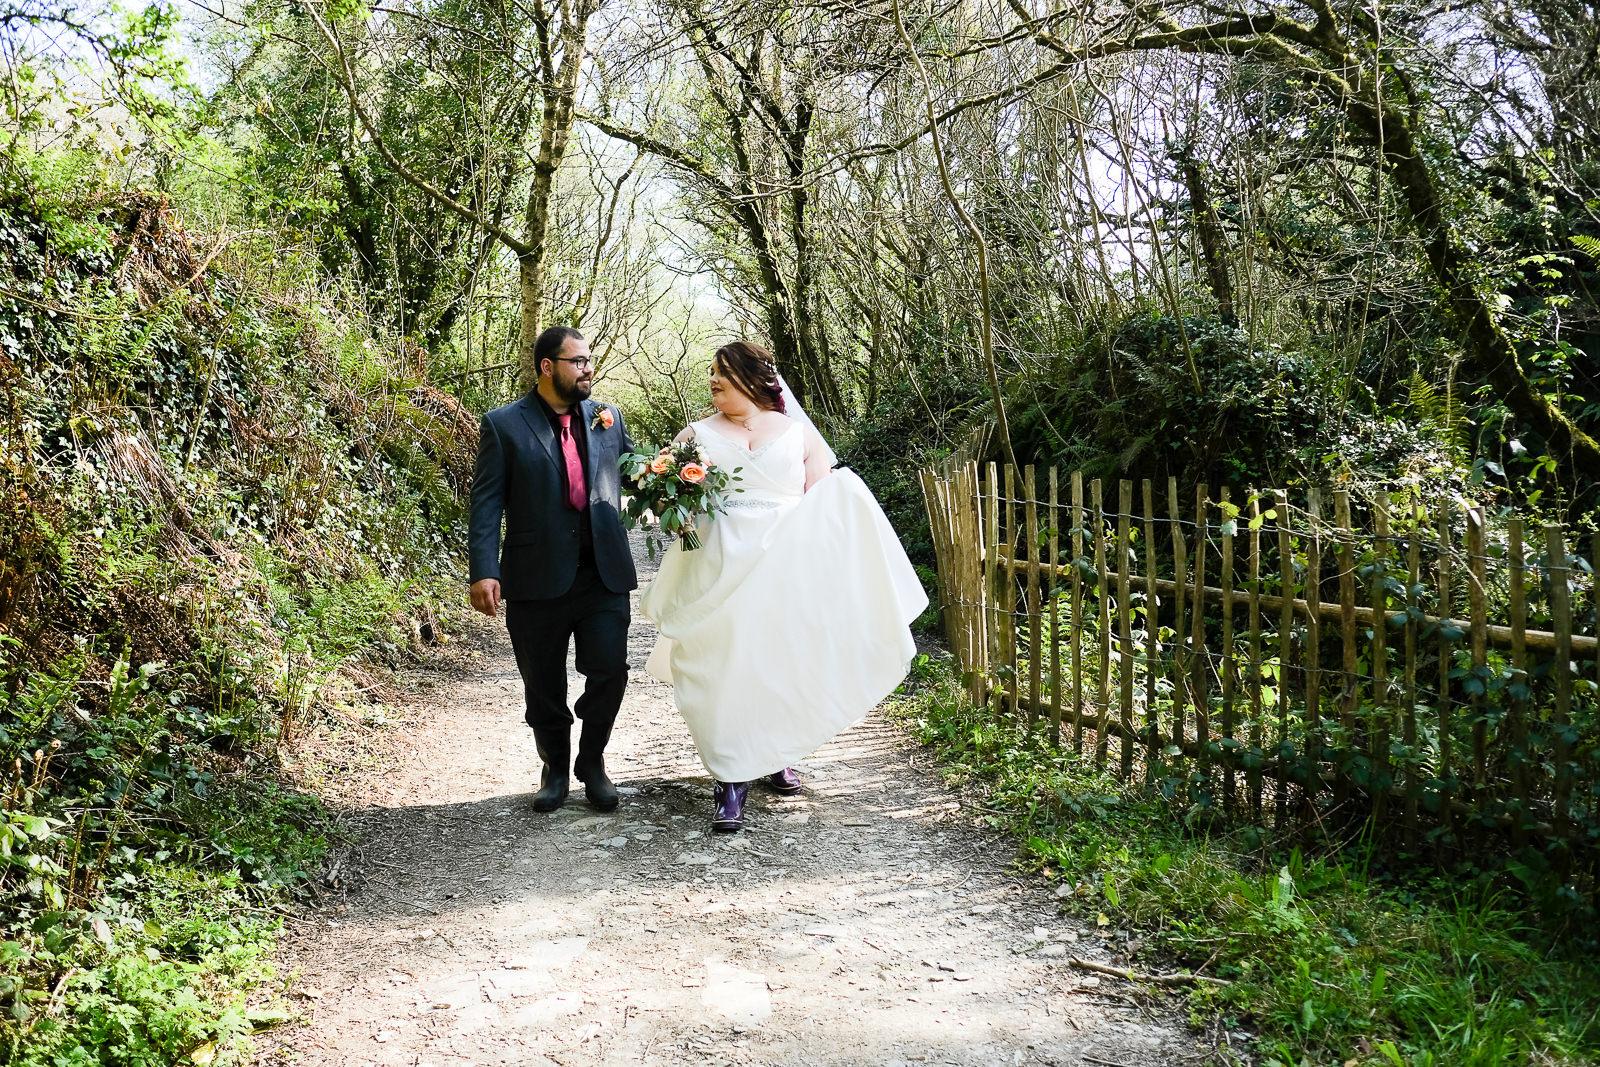 cornish tipi wedding photography 039.jpg